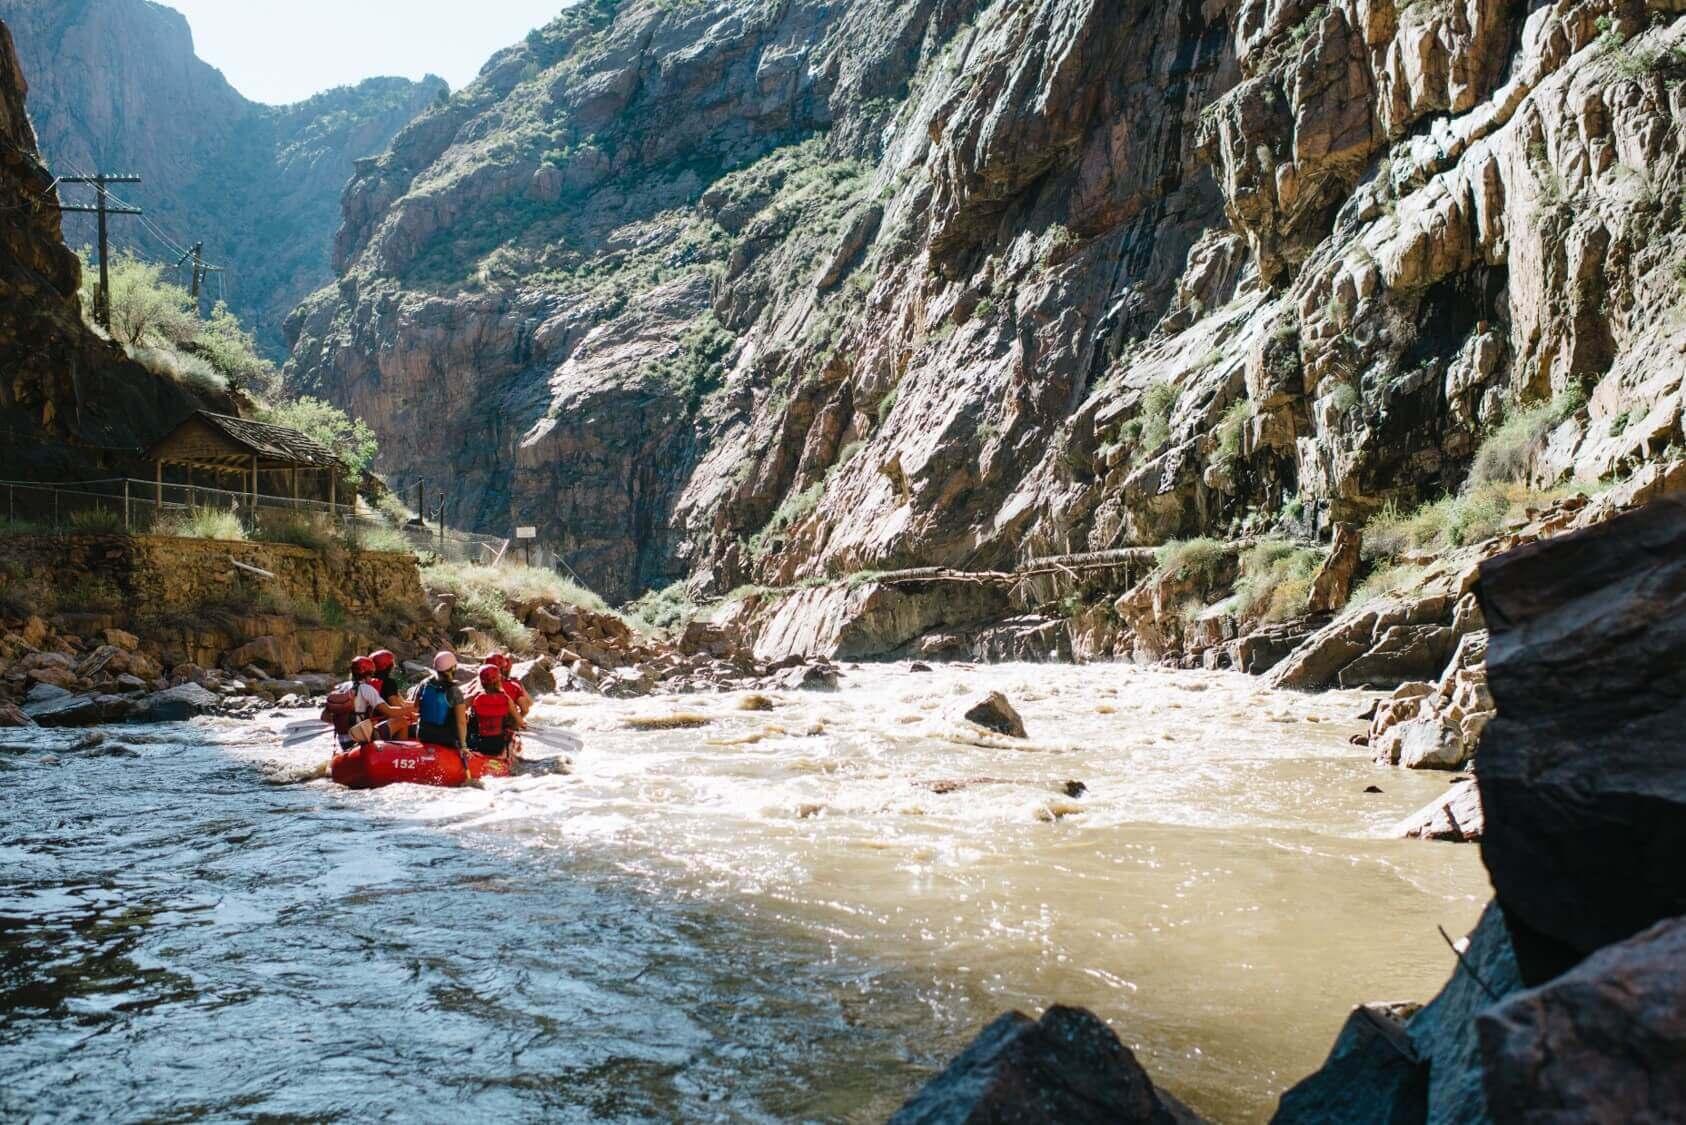 arkansas river colorado royal gorge